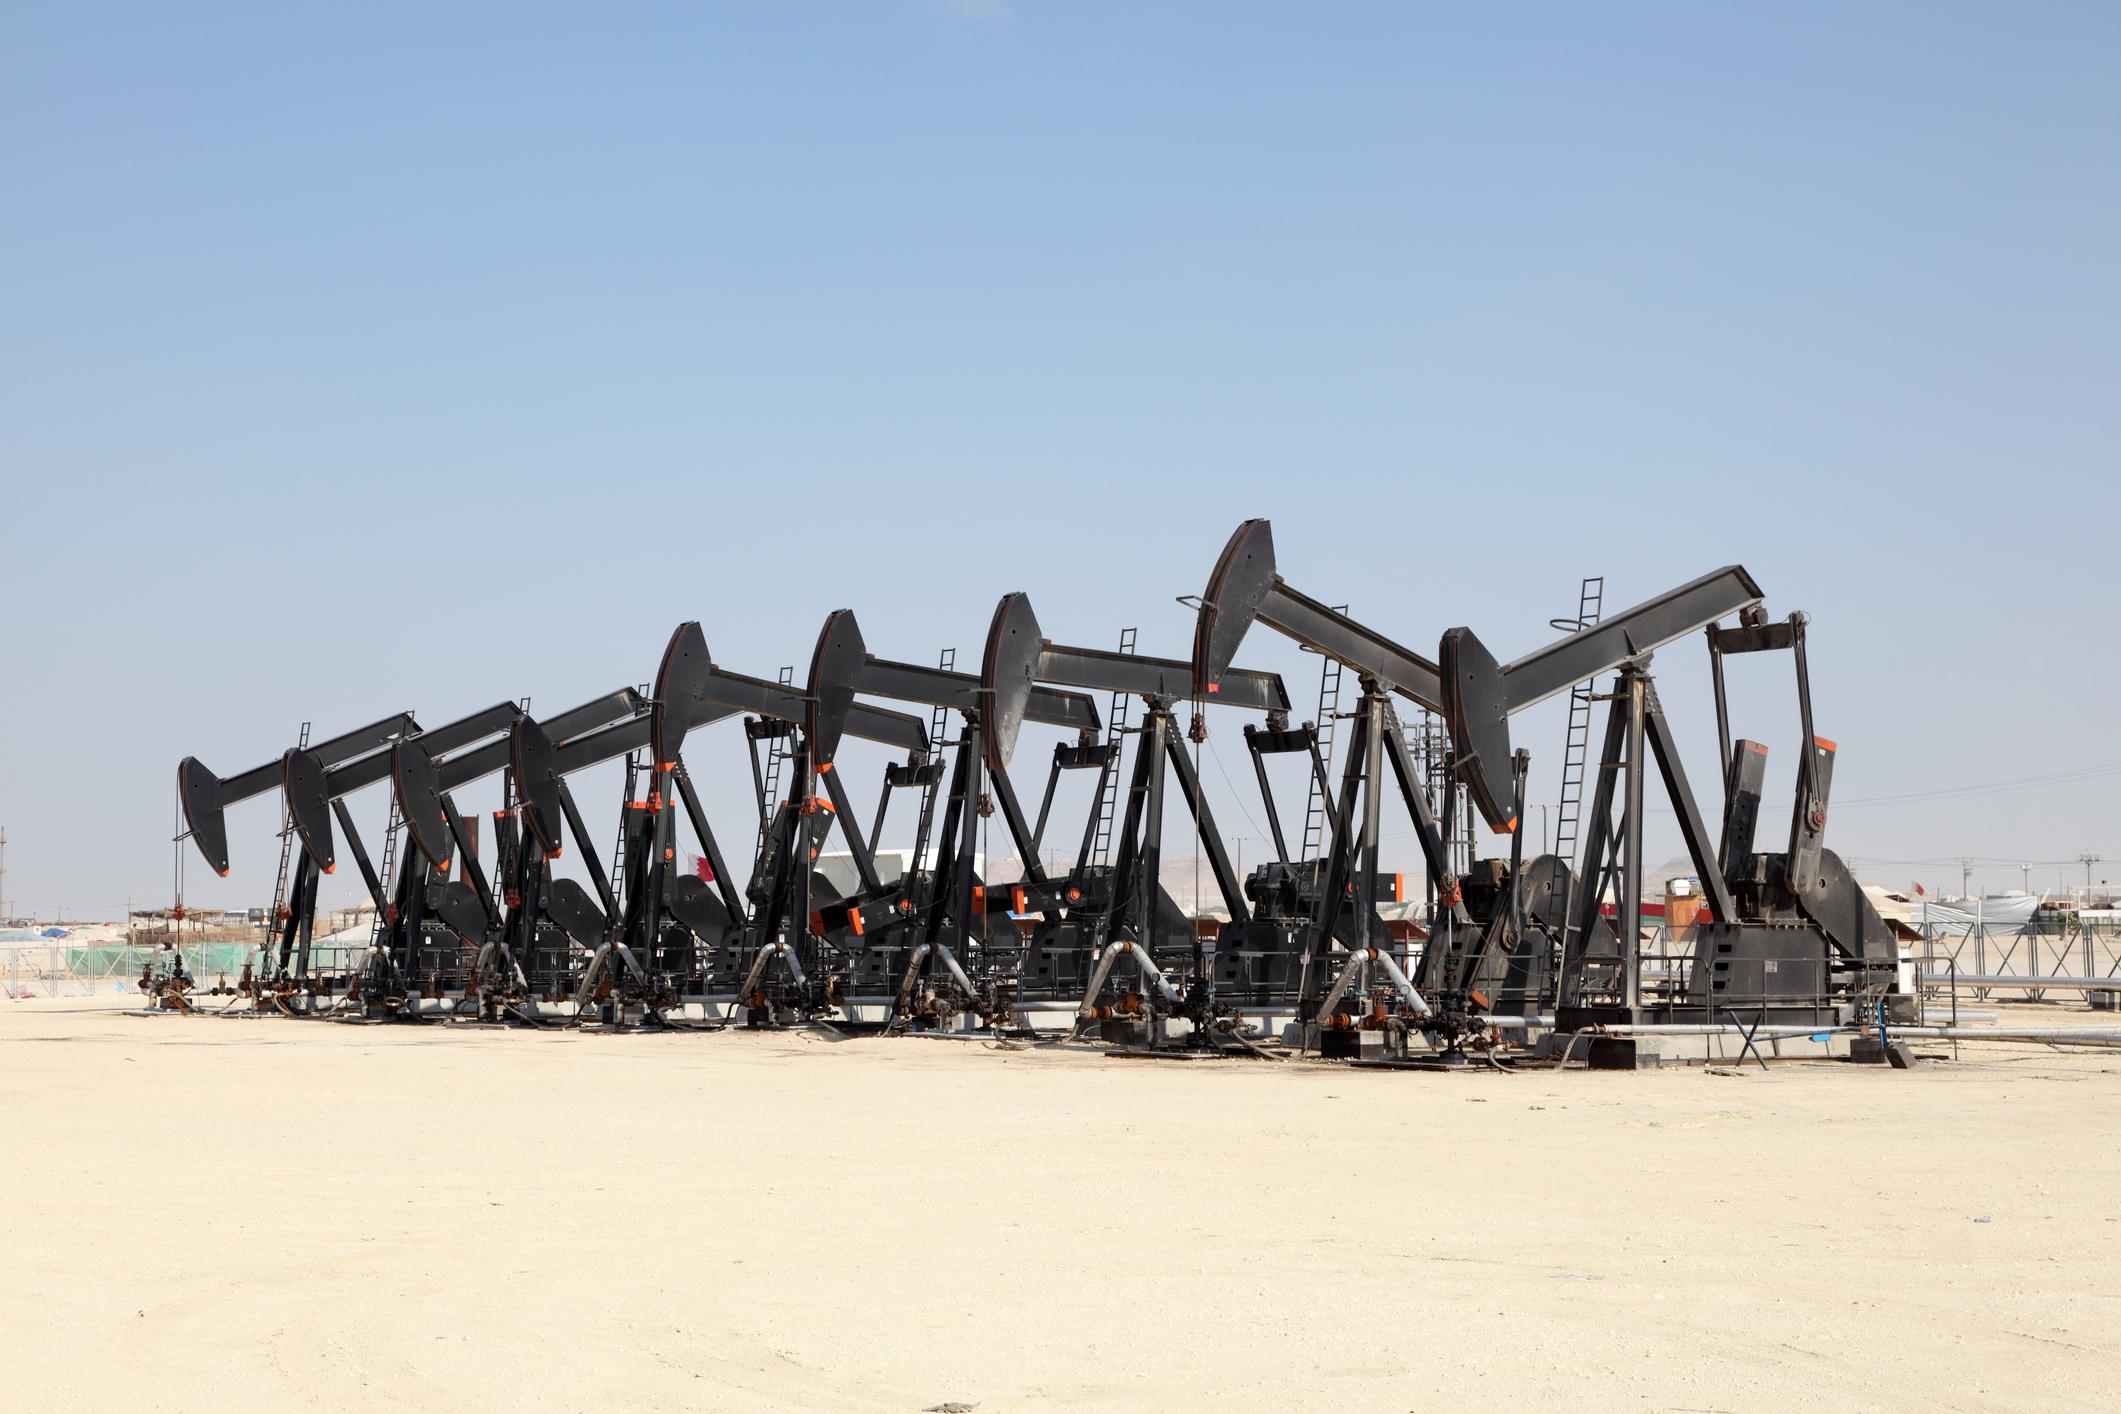 Black oil pump jacks in the desert.